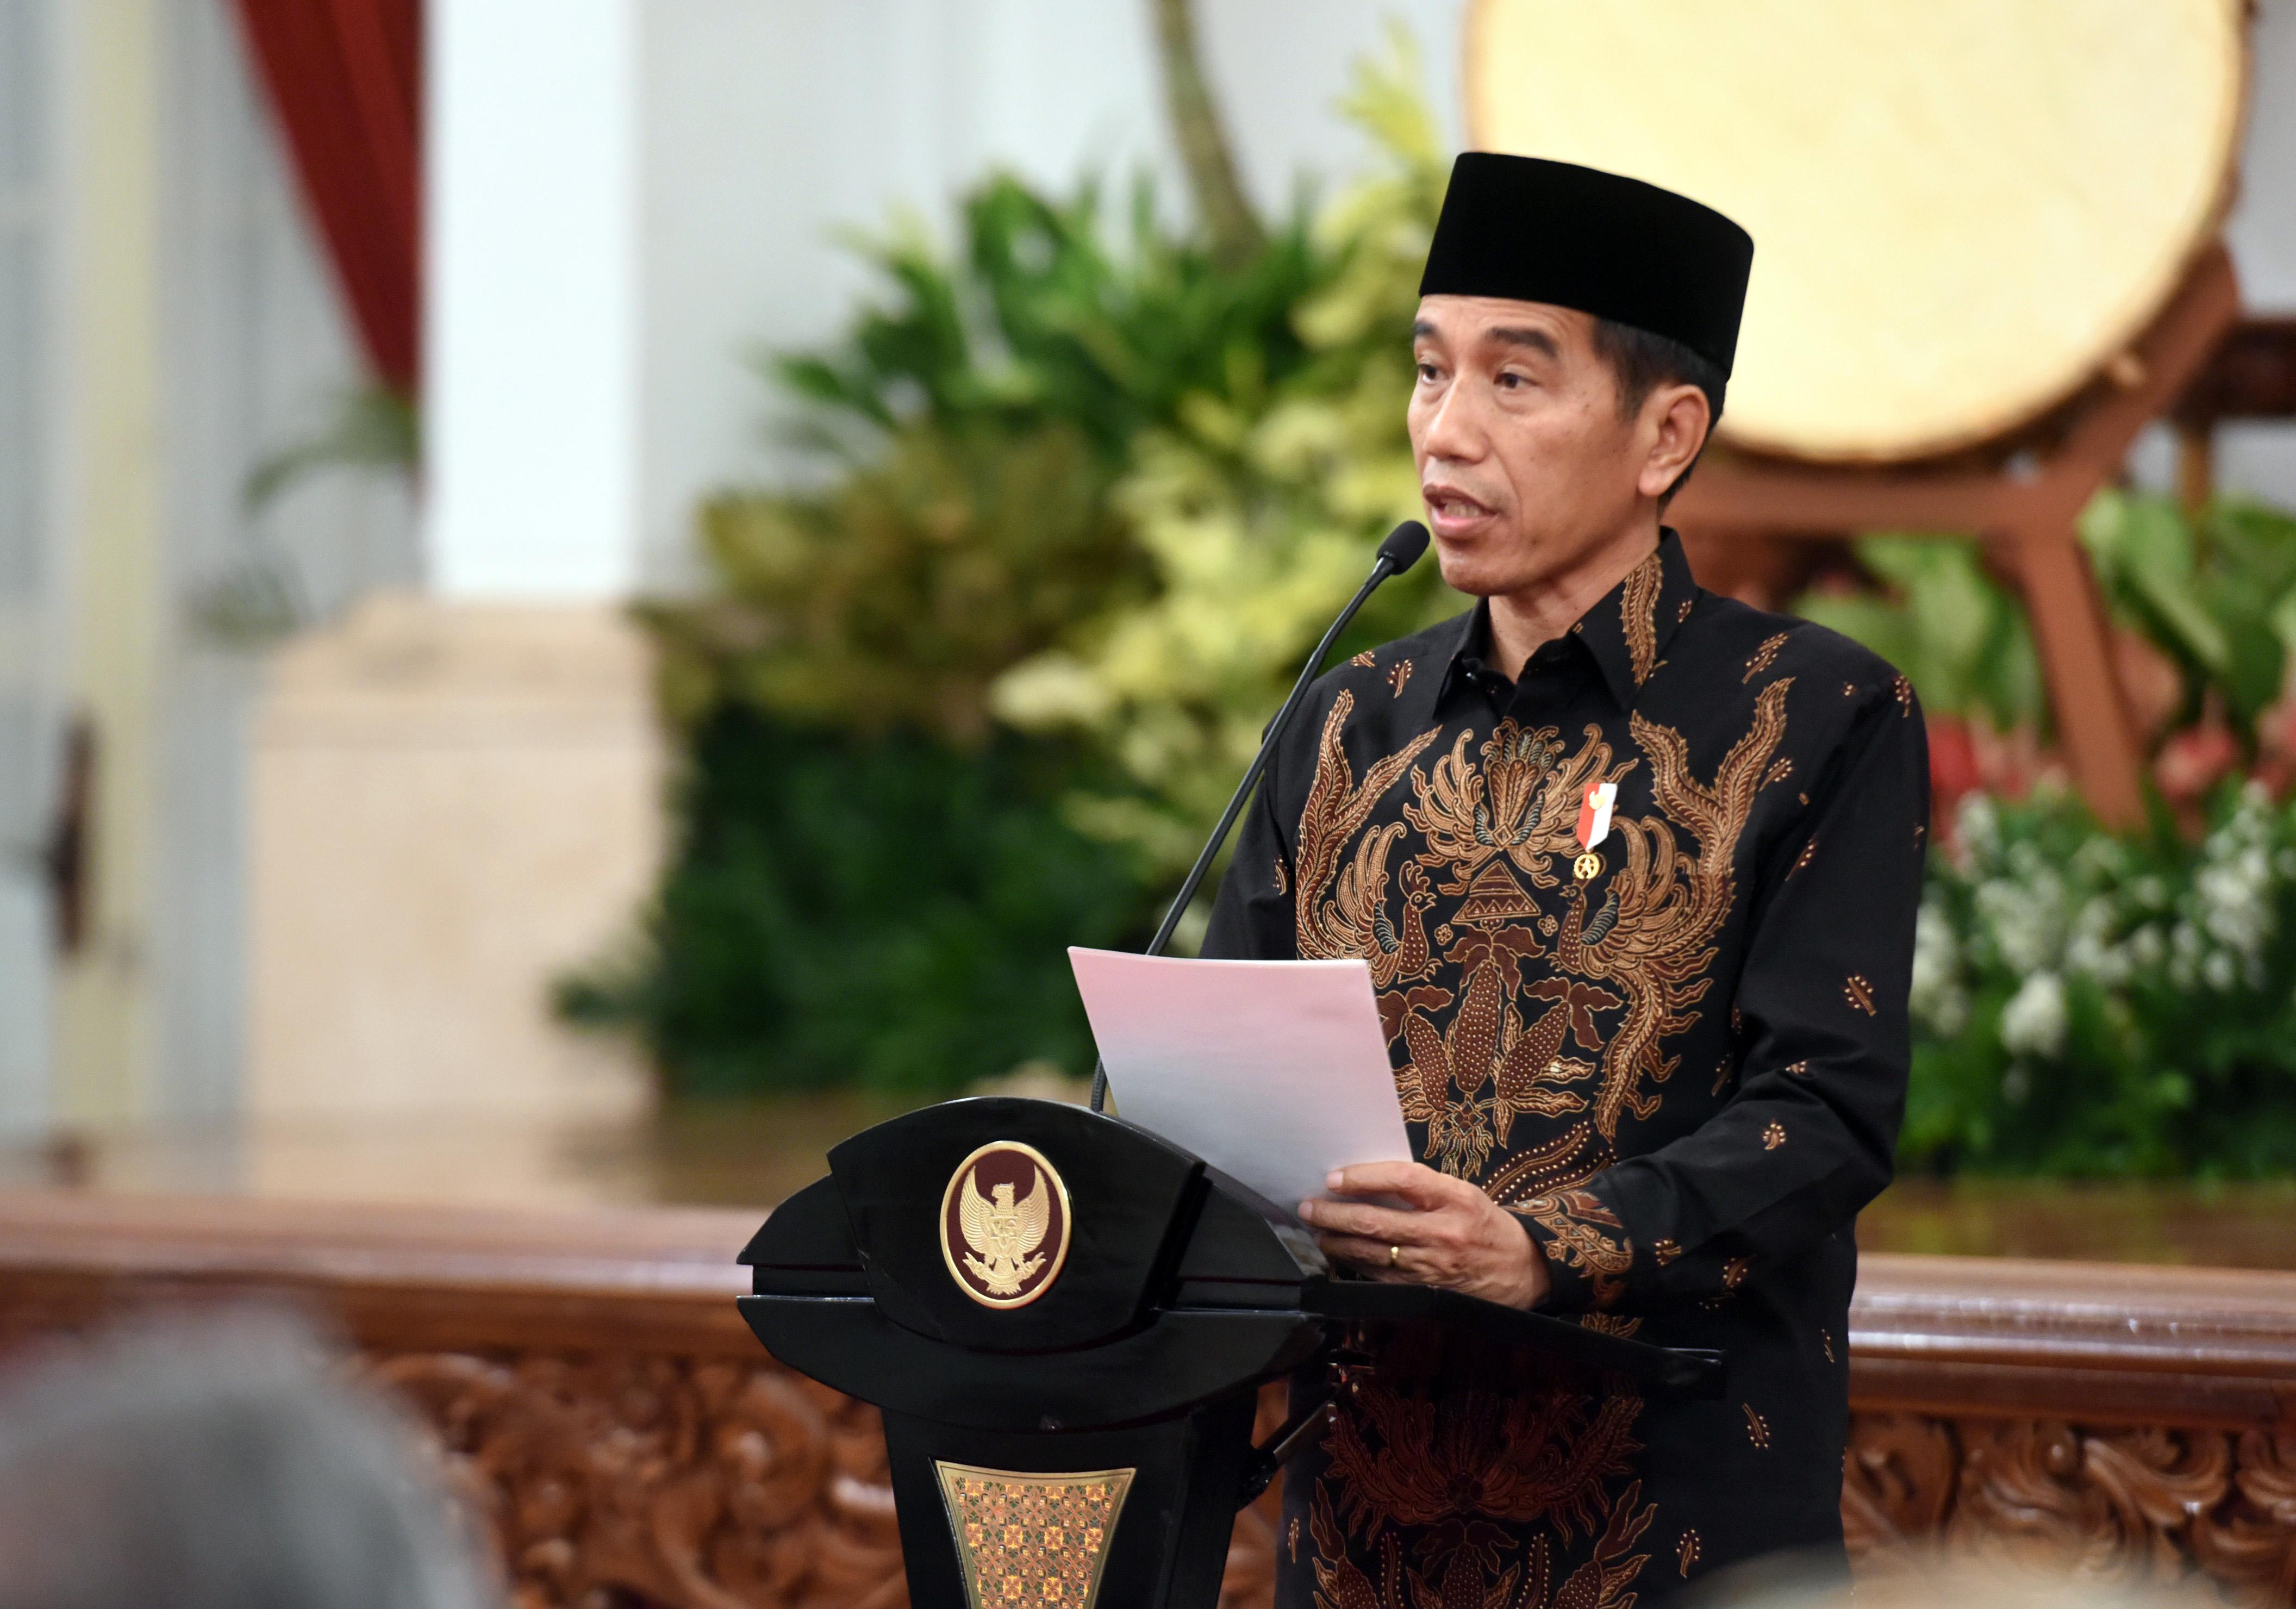 Presiden Jokowi: Bangsa Indonesia Harus Jadi Umat Yang Terbaik, Besar, Disegani